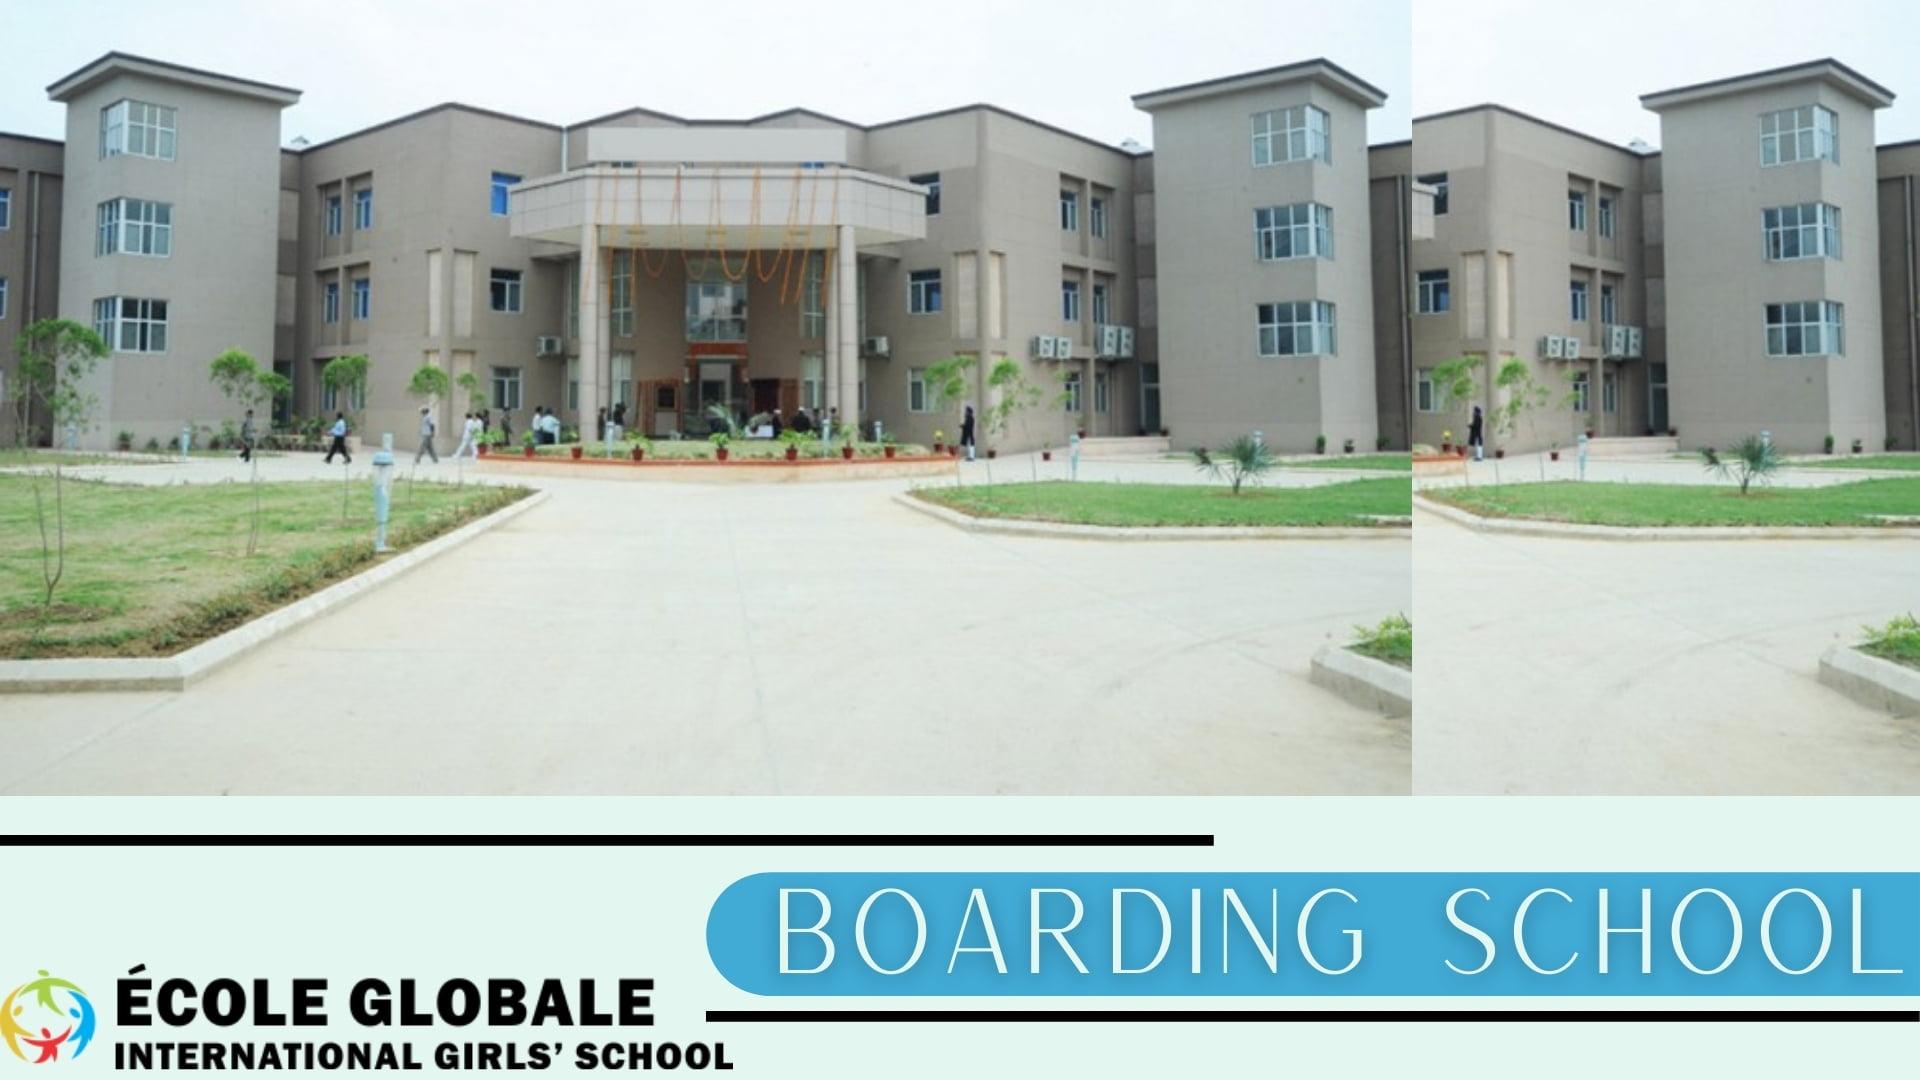 BOARDING-SCHOOL